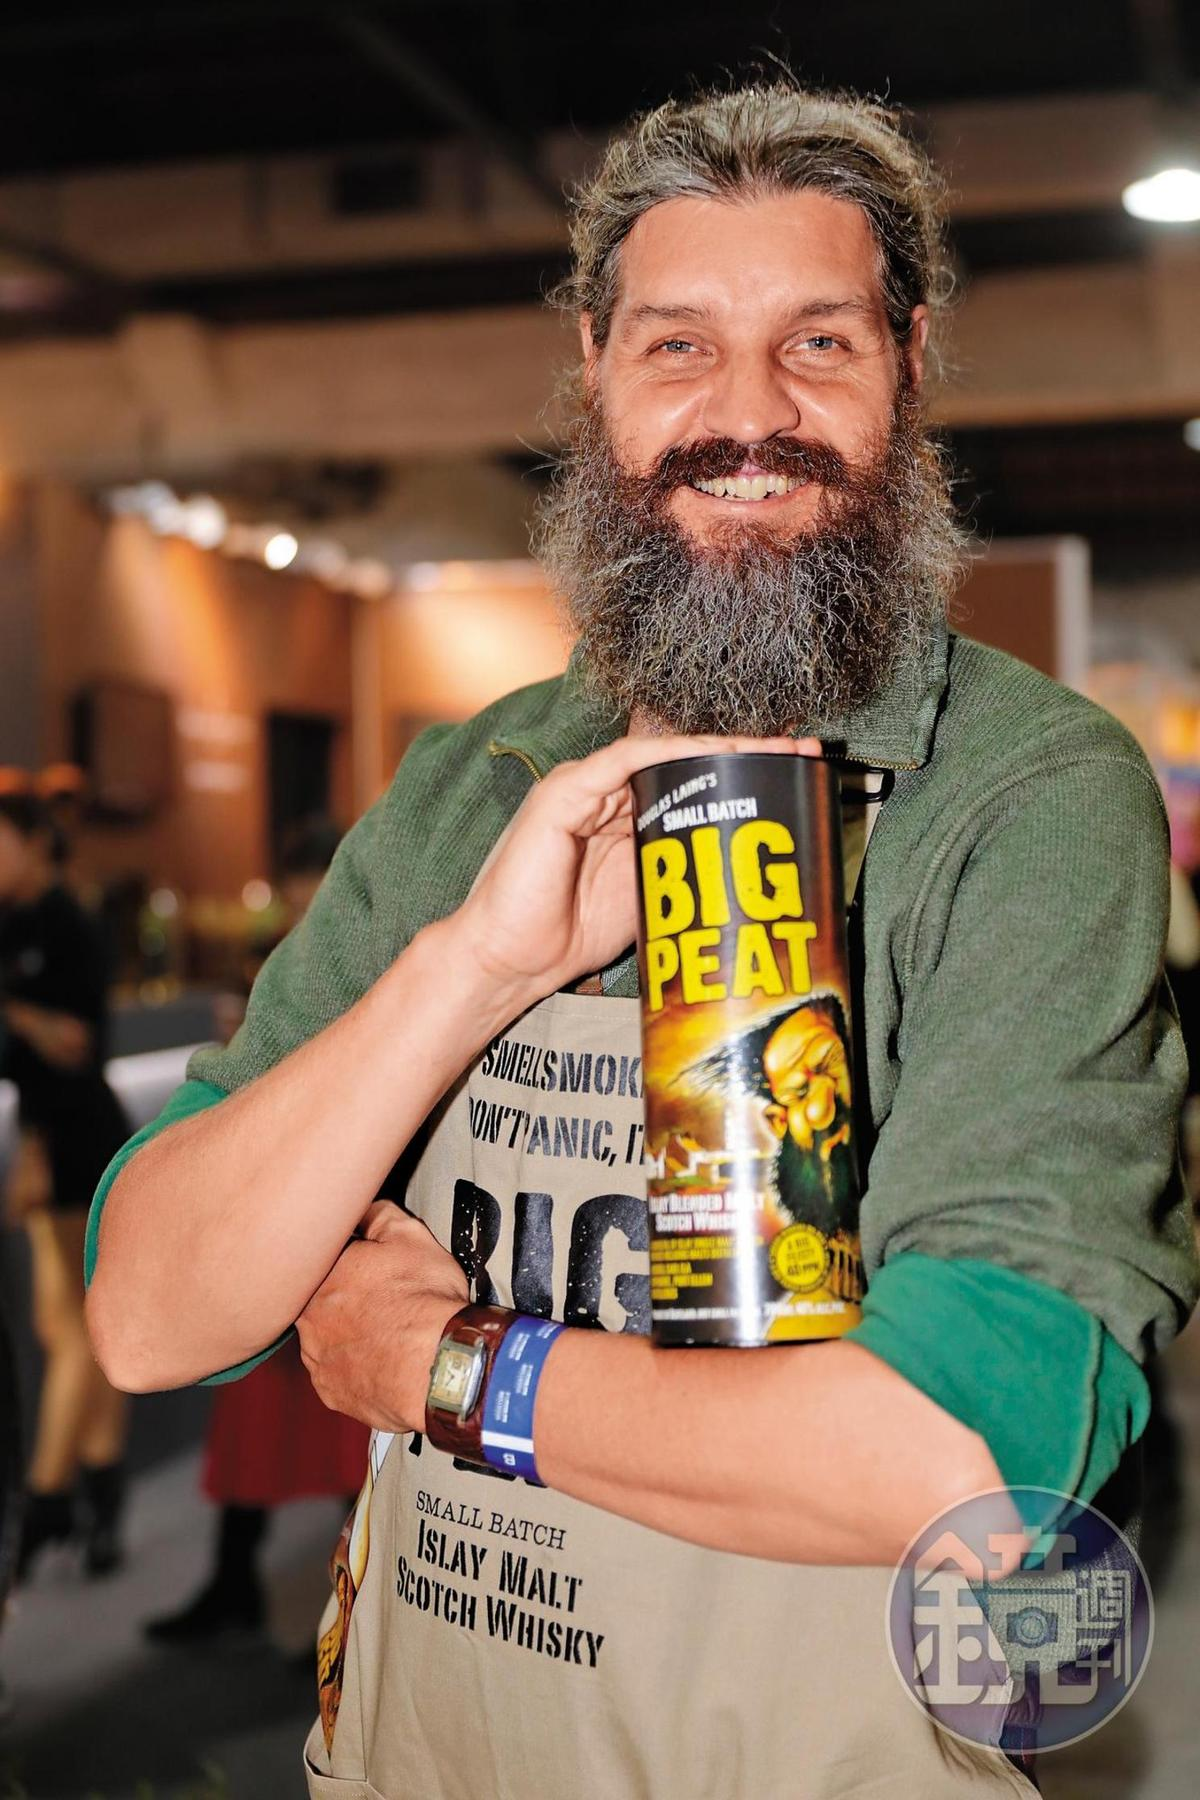 住在台灣的Mark Andrew Goding,被找來擔任道格拉斯梁旗下「泥煤哥Big peat」的代言人,是不是跟酒瓶上的漫畫人物有幾分神似。